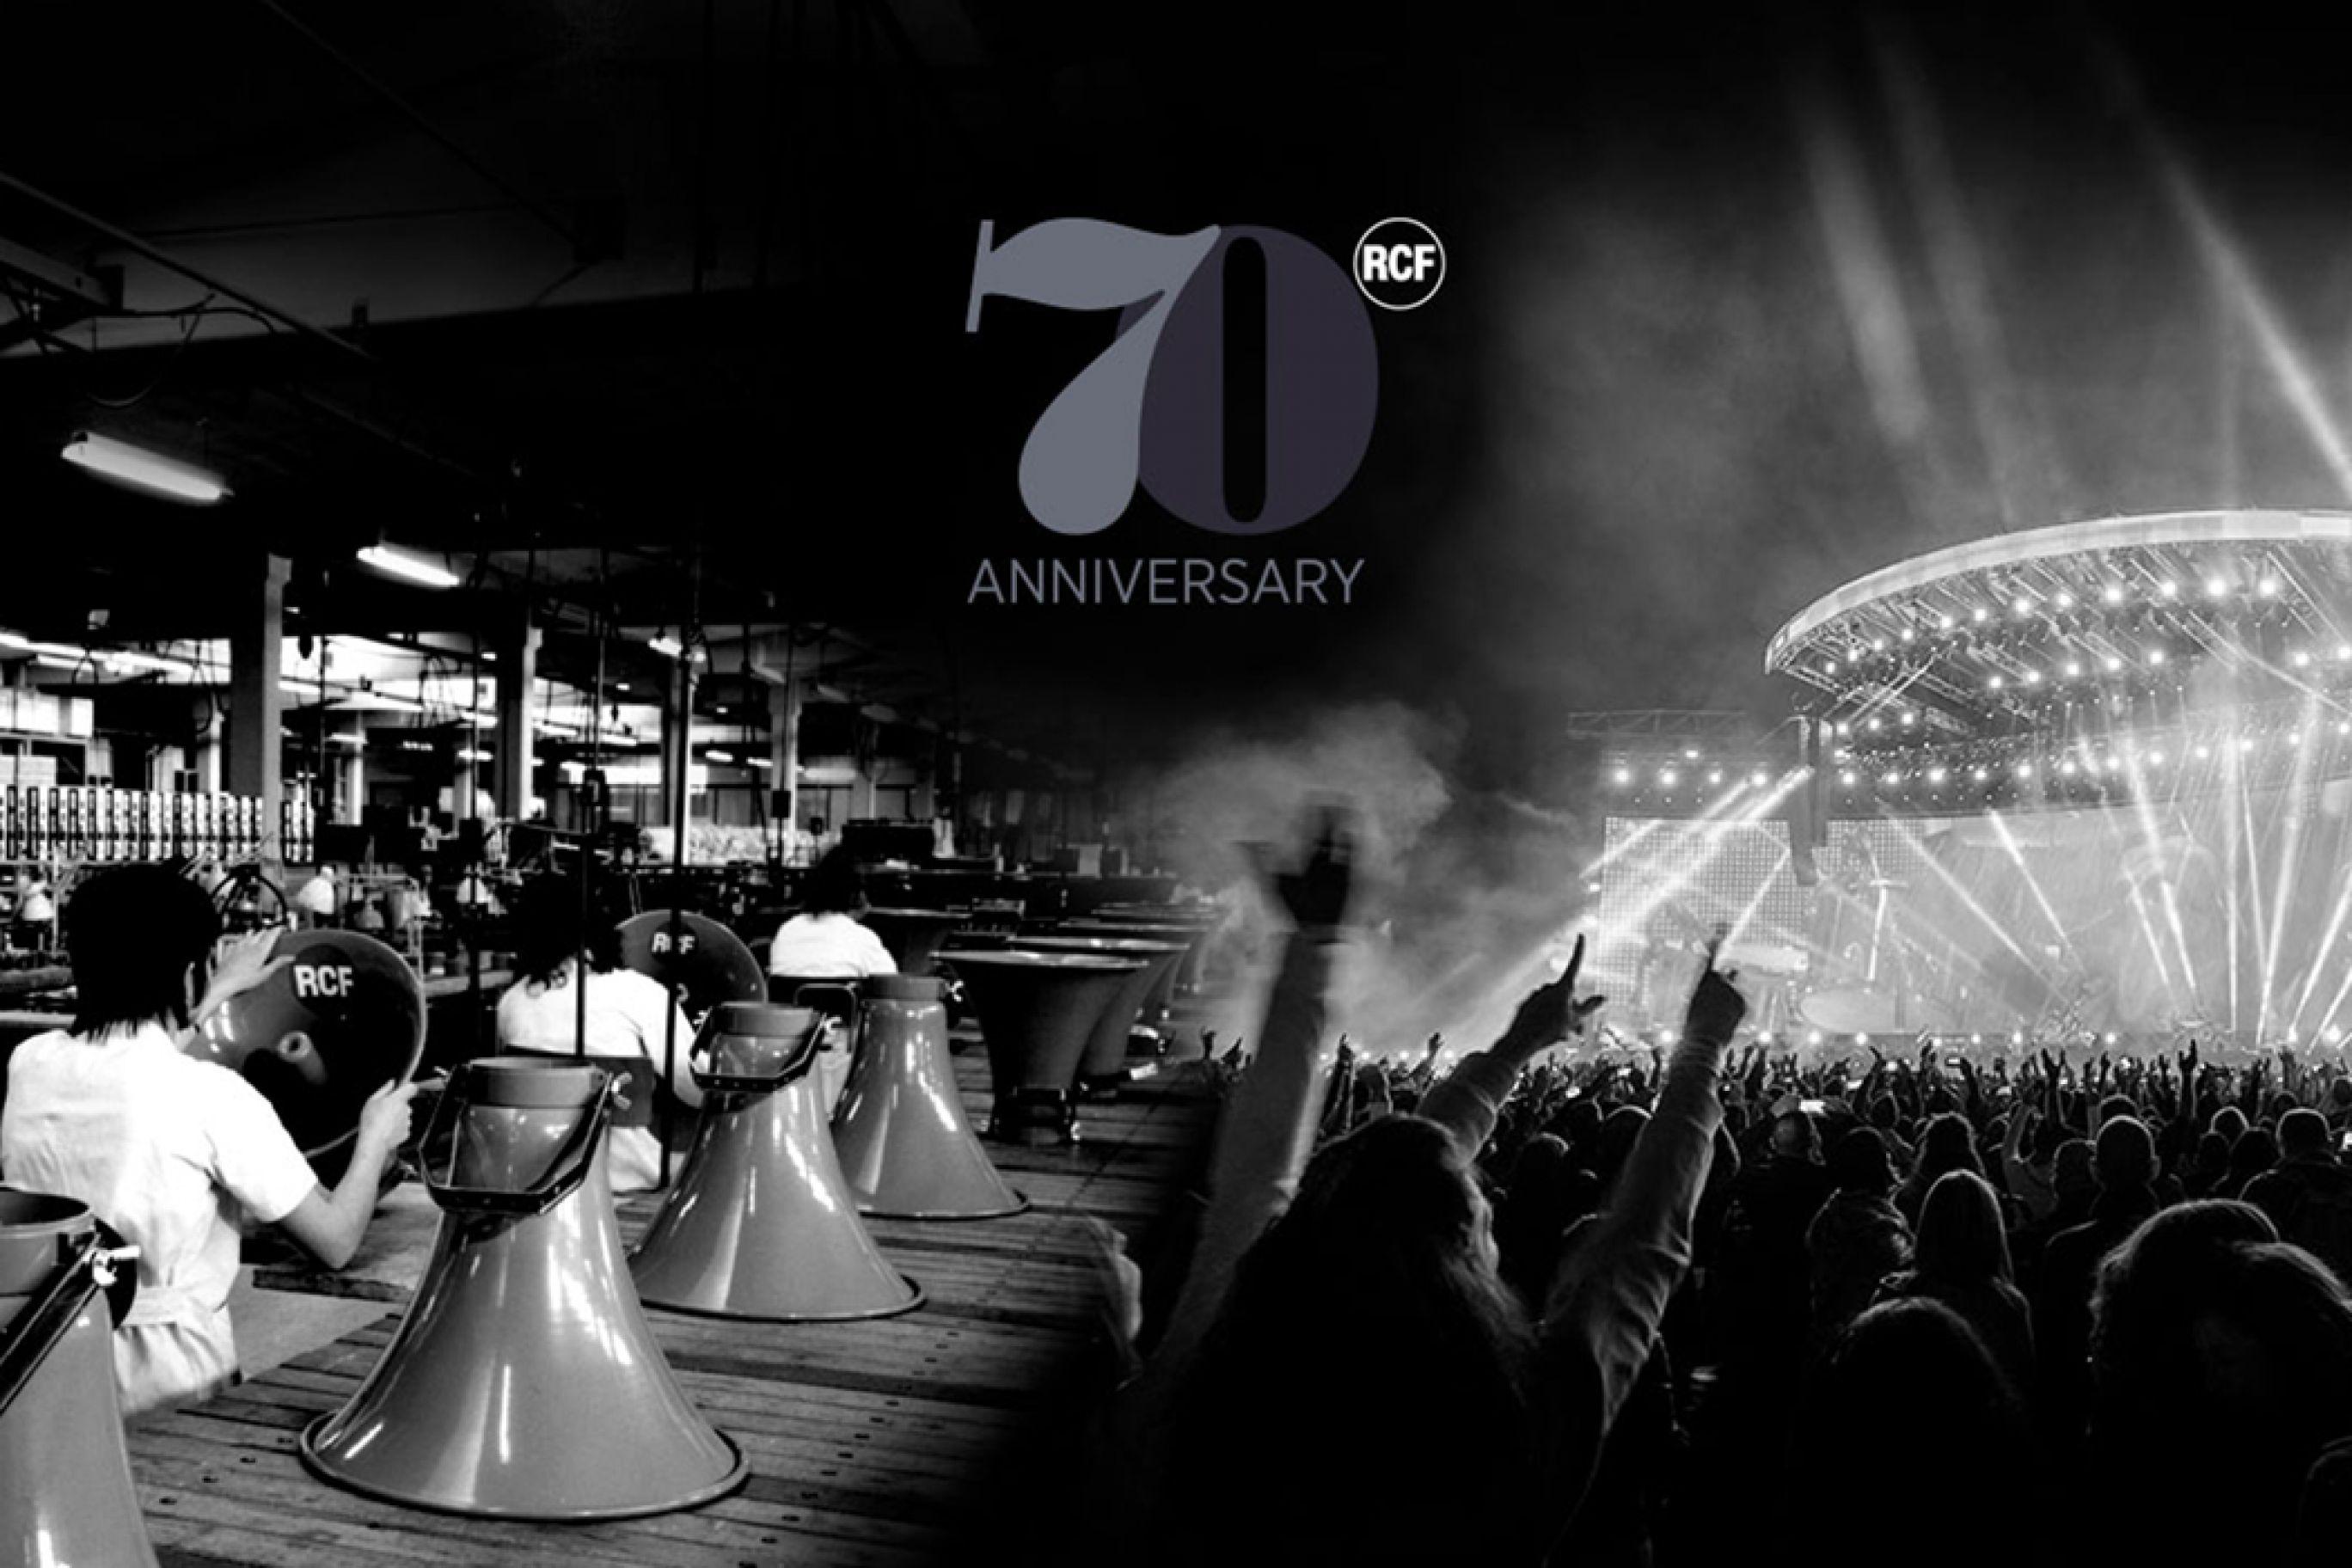 RCF festeggia 70 anni - Casse Attive Promozioni su tutta la serie